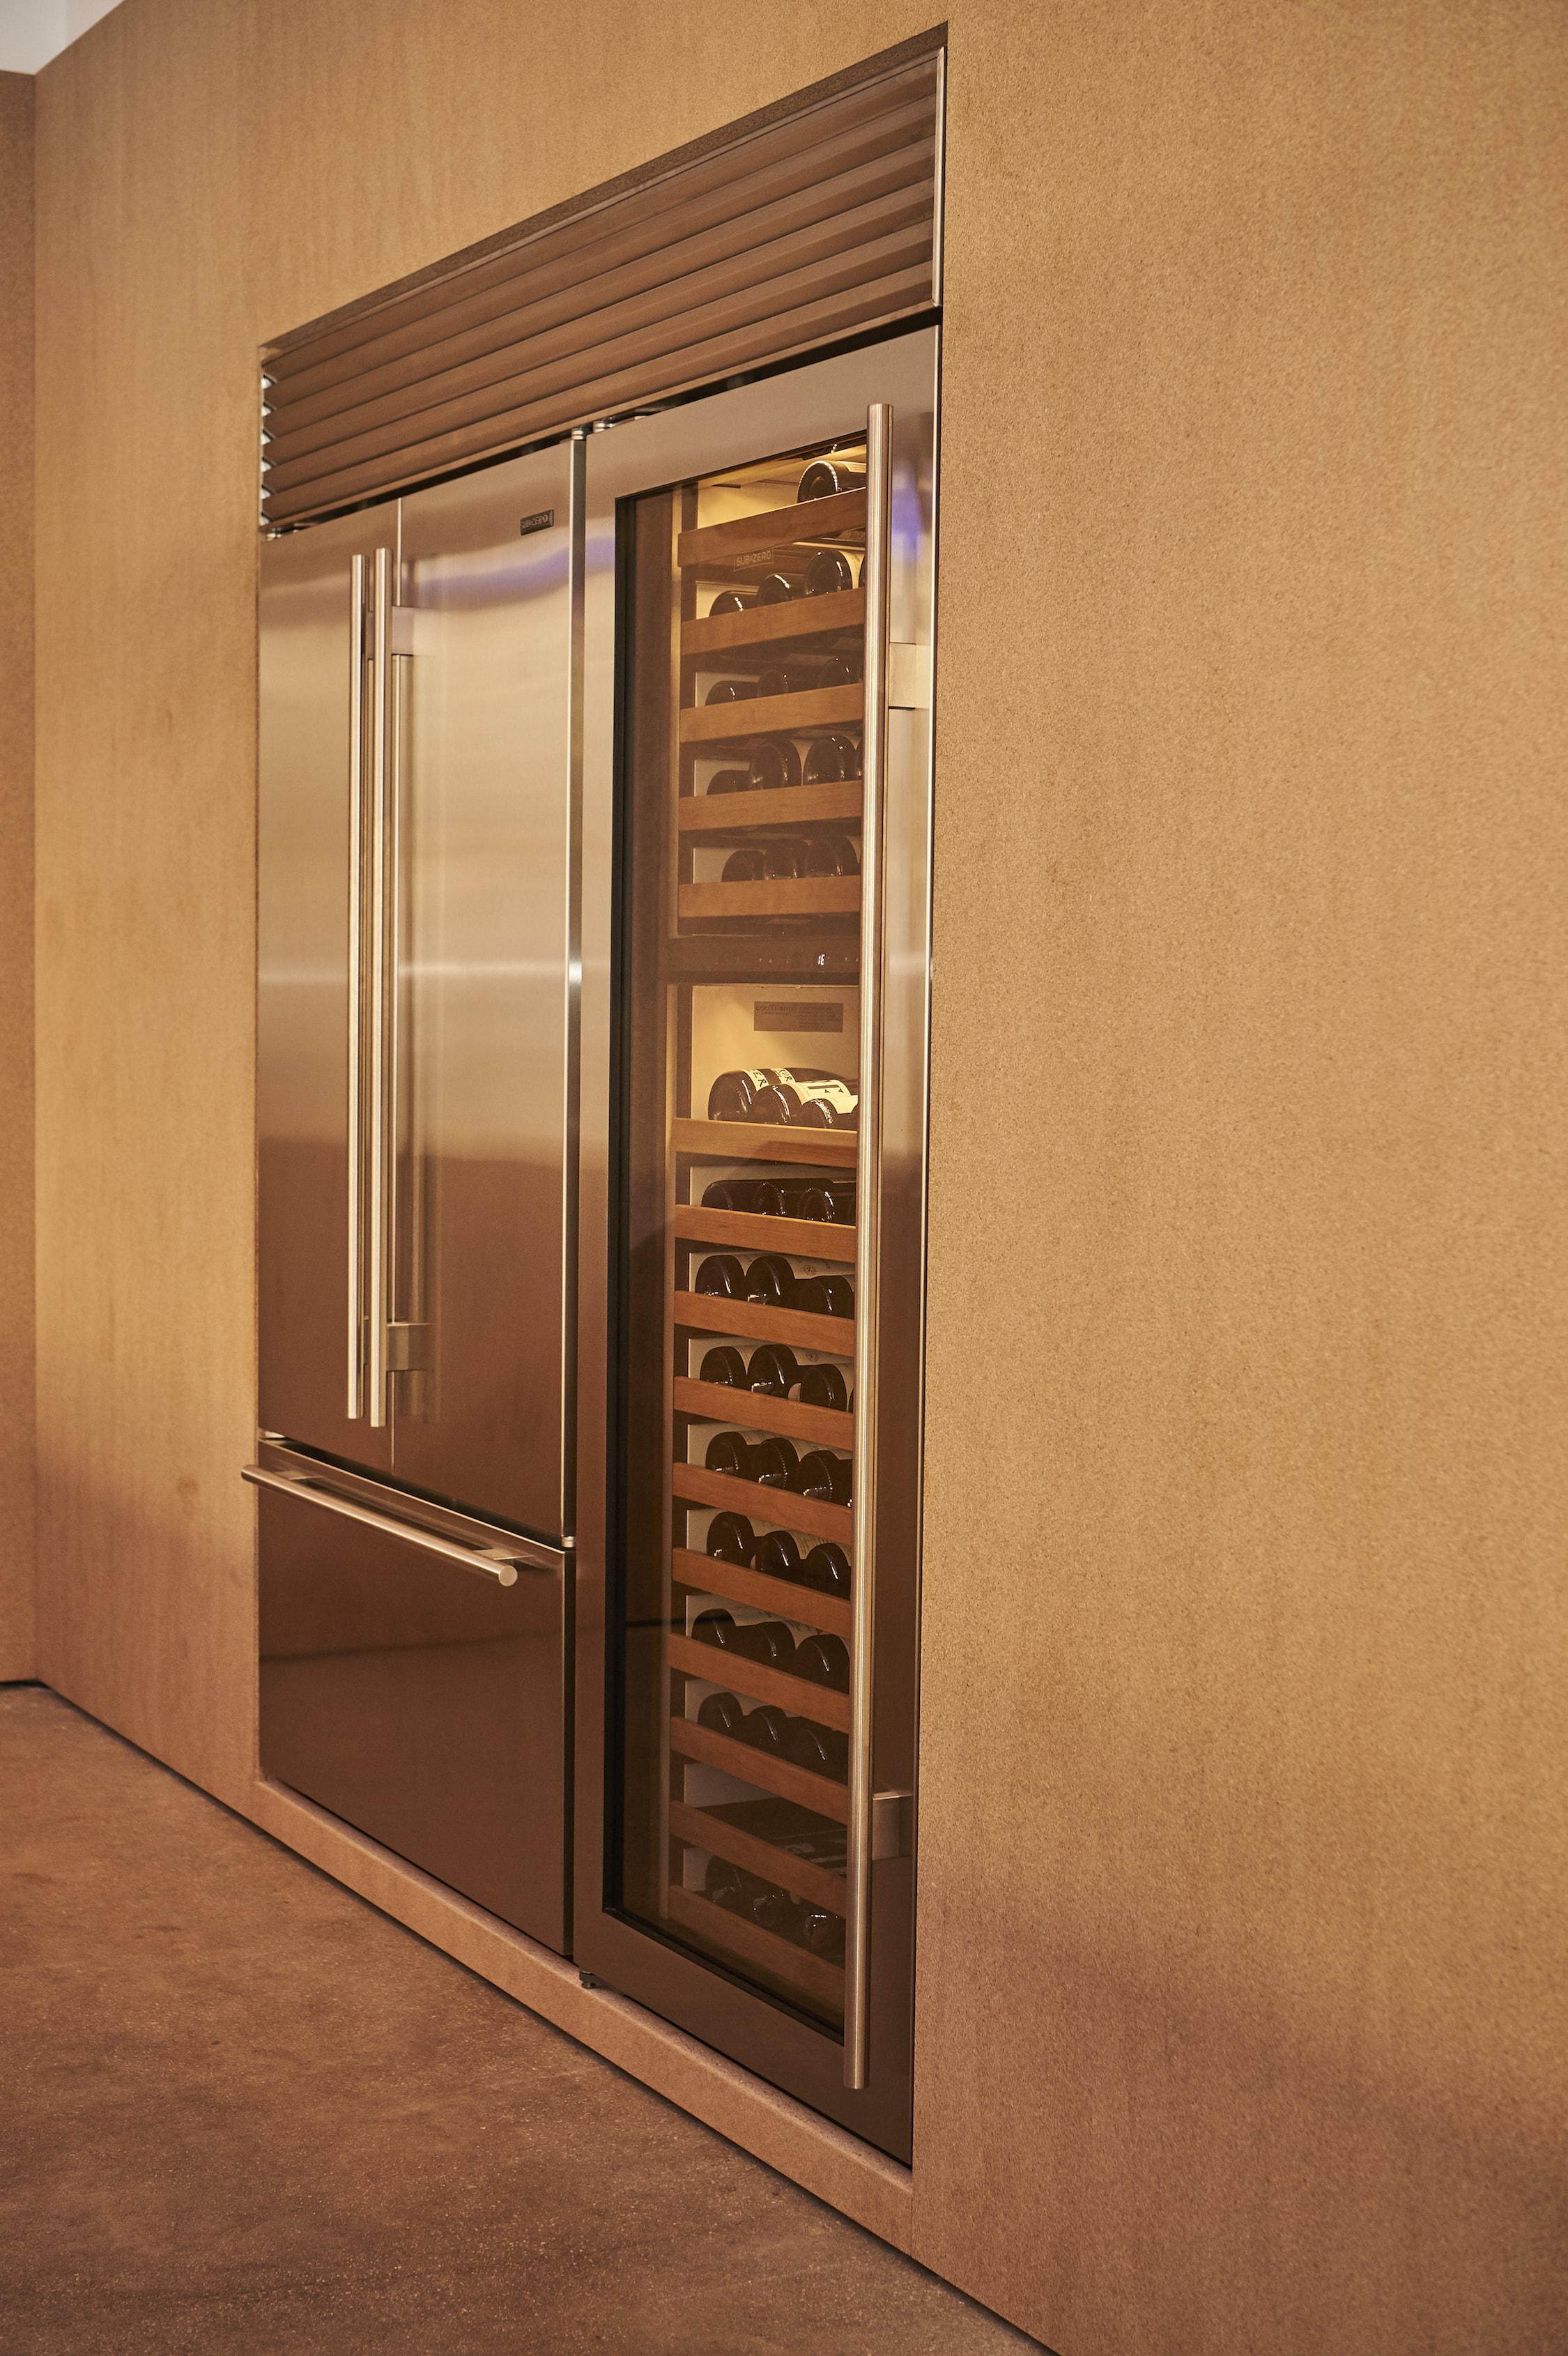 Kühlschrank • Bilder & Ideen • COUCHstyle